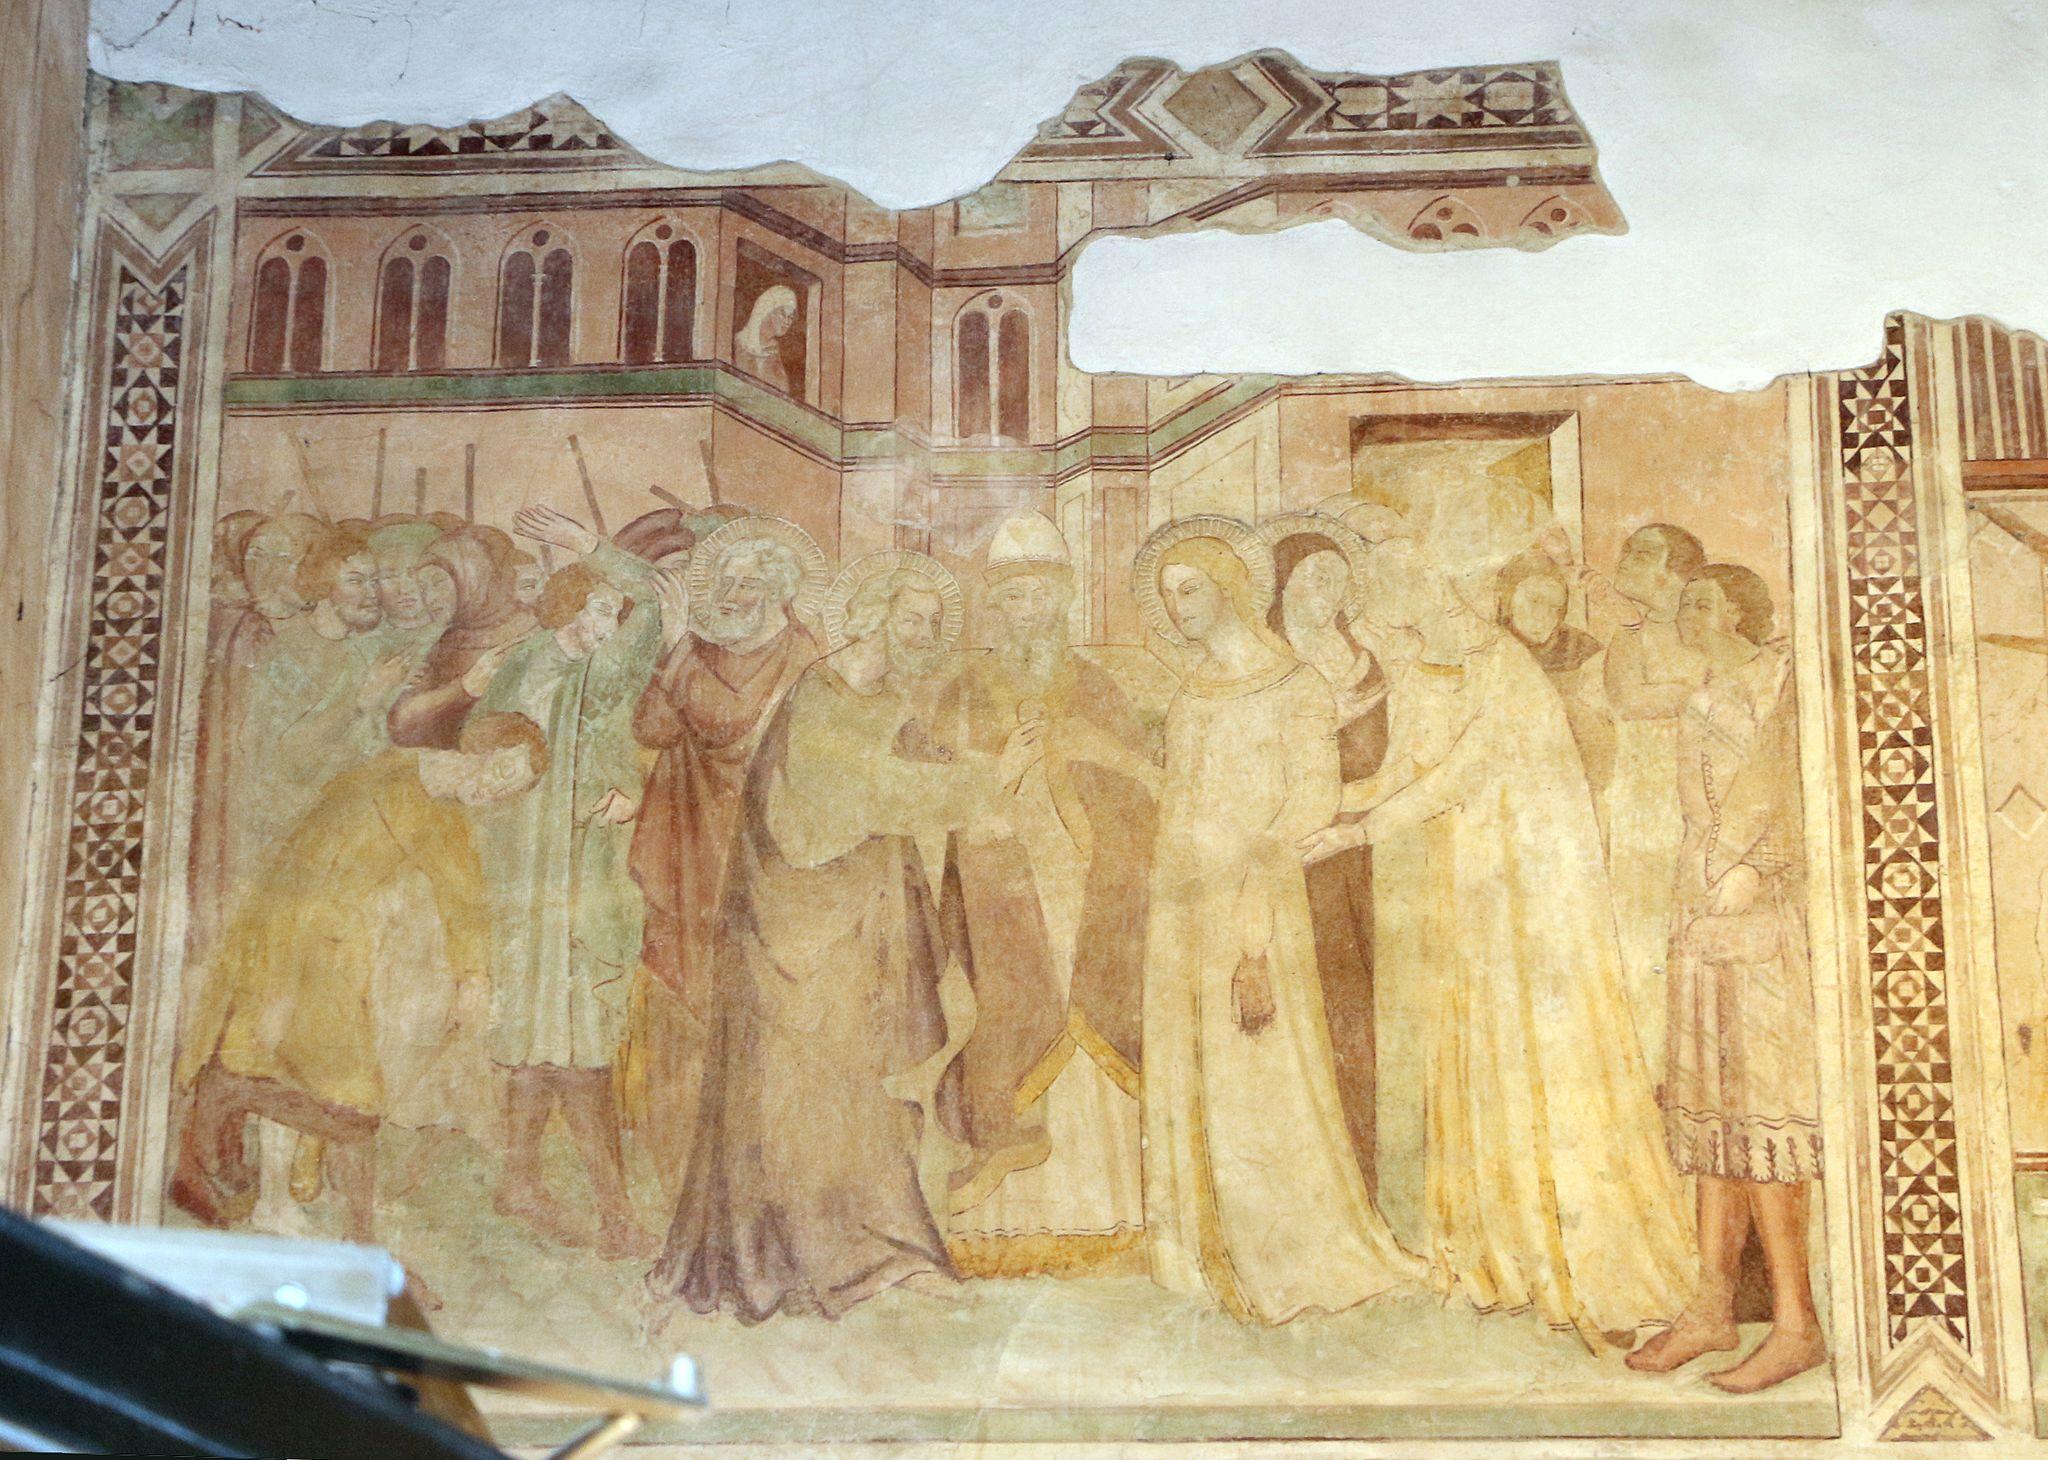 Scuola di bartolo di fredi, scene mariane, 1389, 01 sposalizio della vergine 1